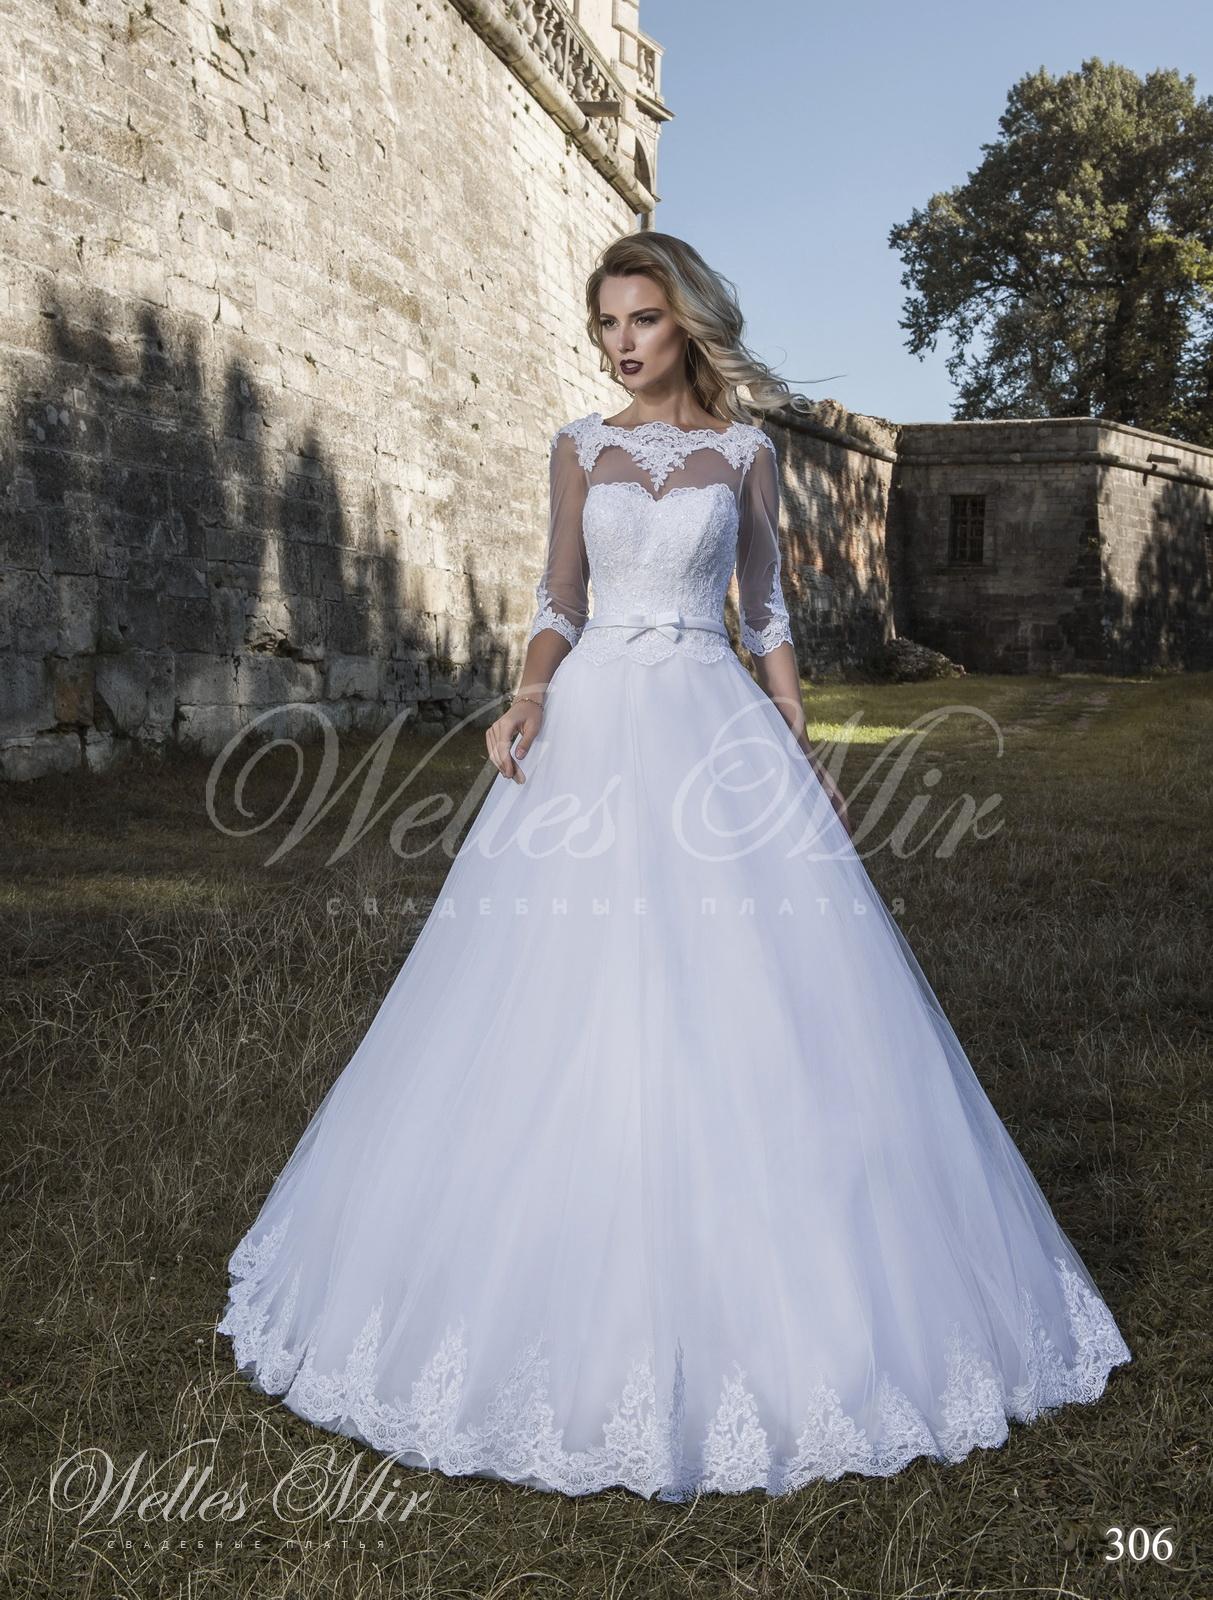 Свадебные платья Exquisite Collection - 306